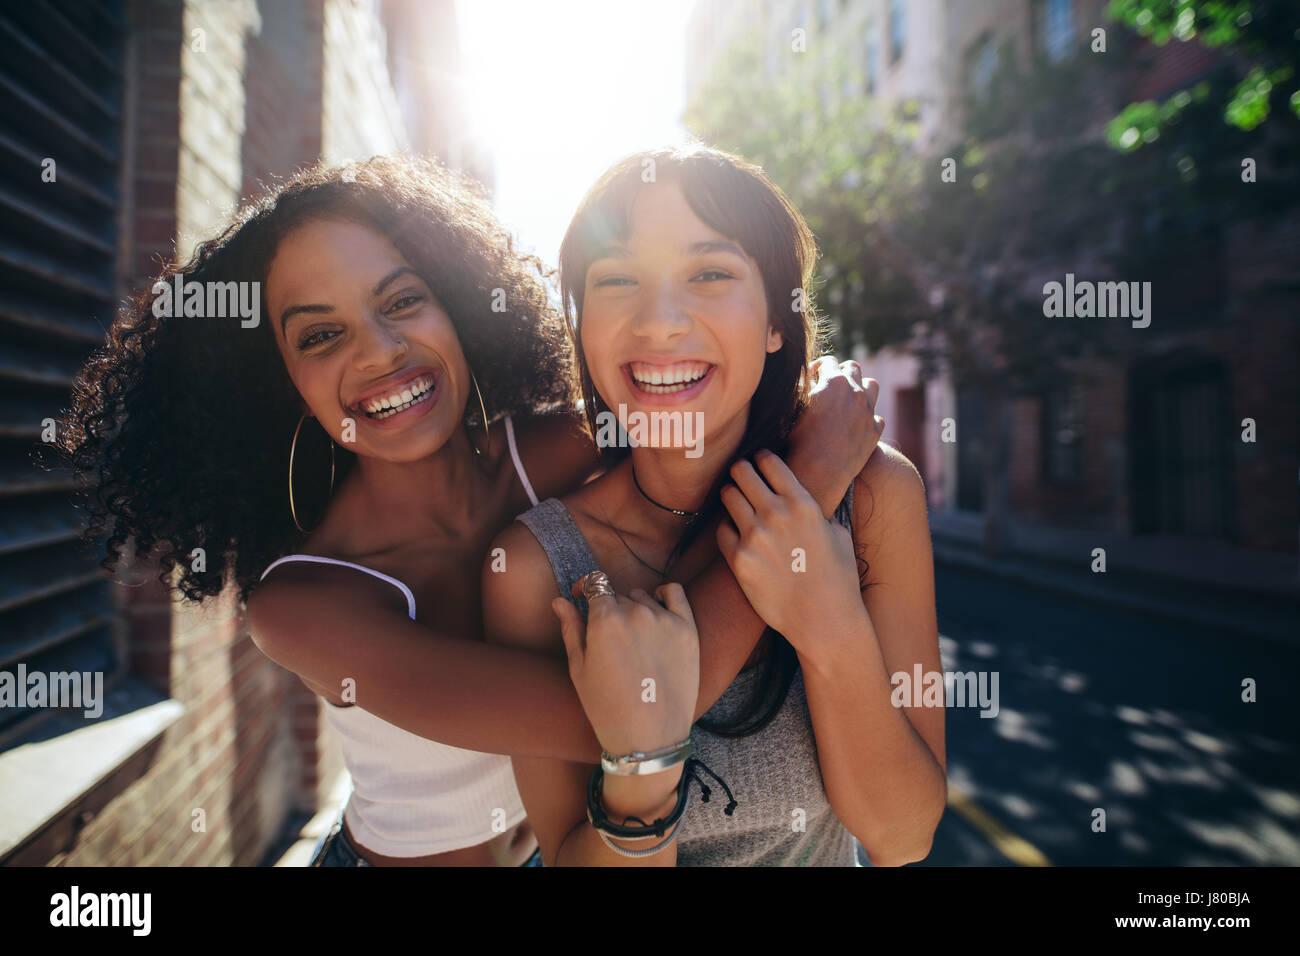 Porträt von zwei jungen Frauen auf Stadtstraße Spaß. Freundinnen umarmen und lächelnd im Freien Stockbild